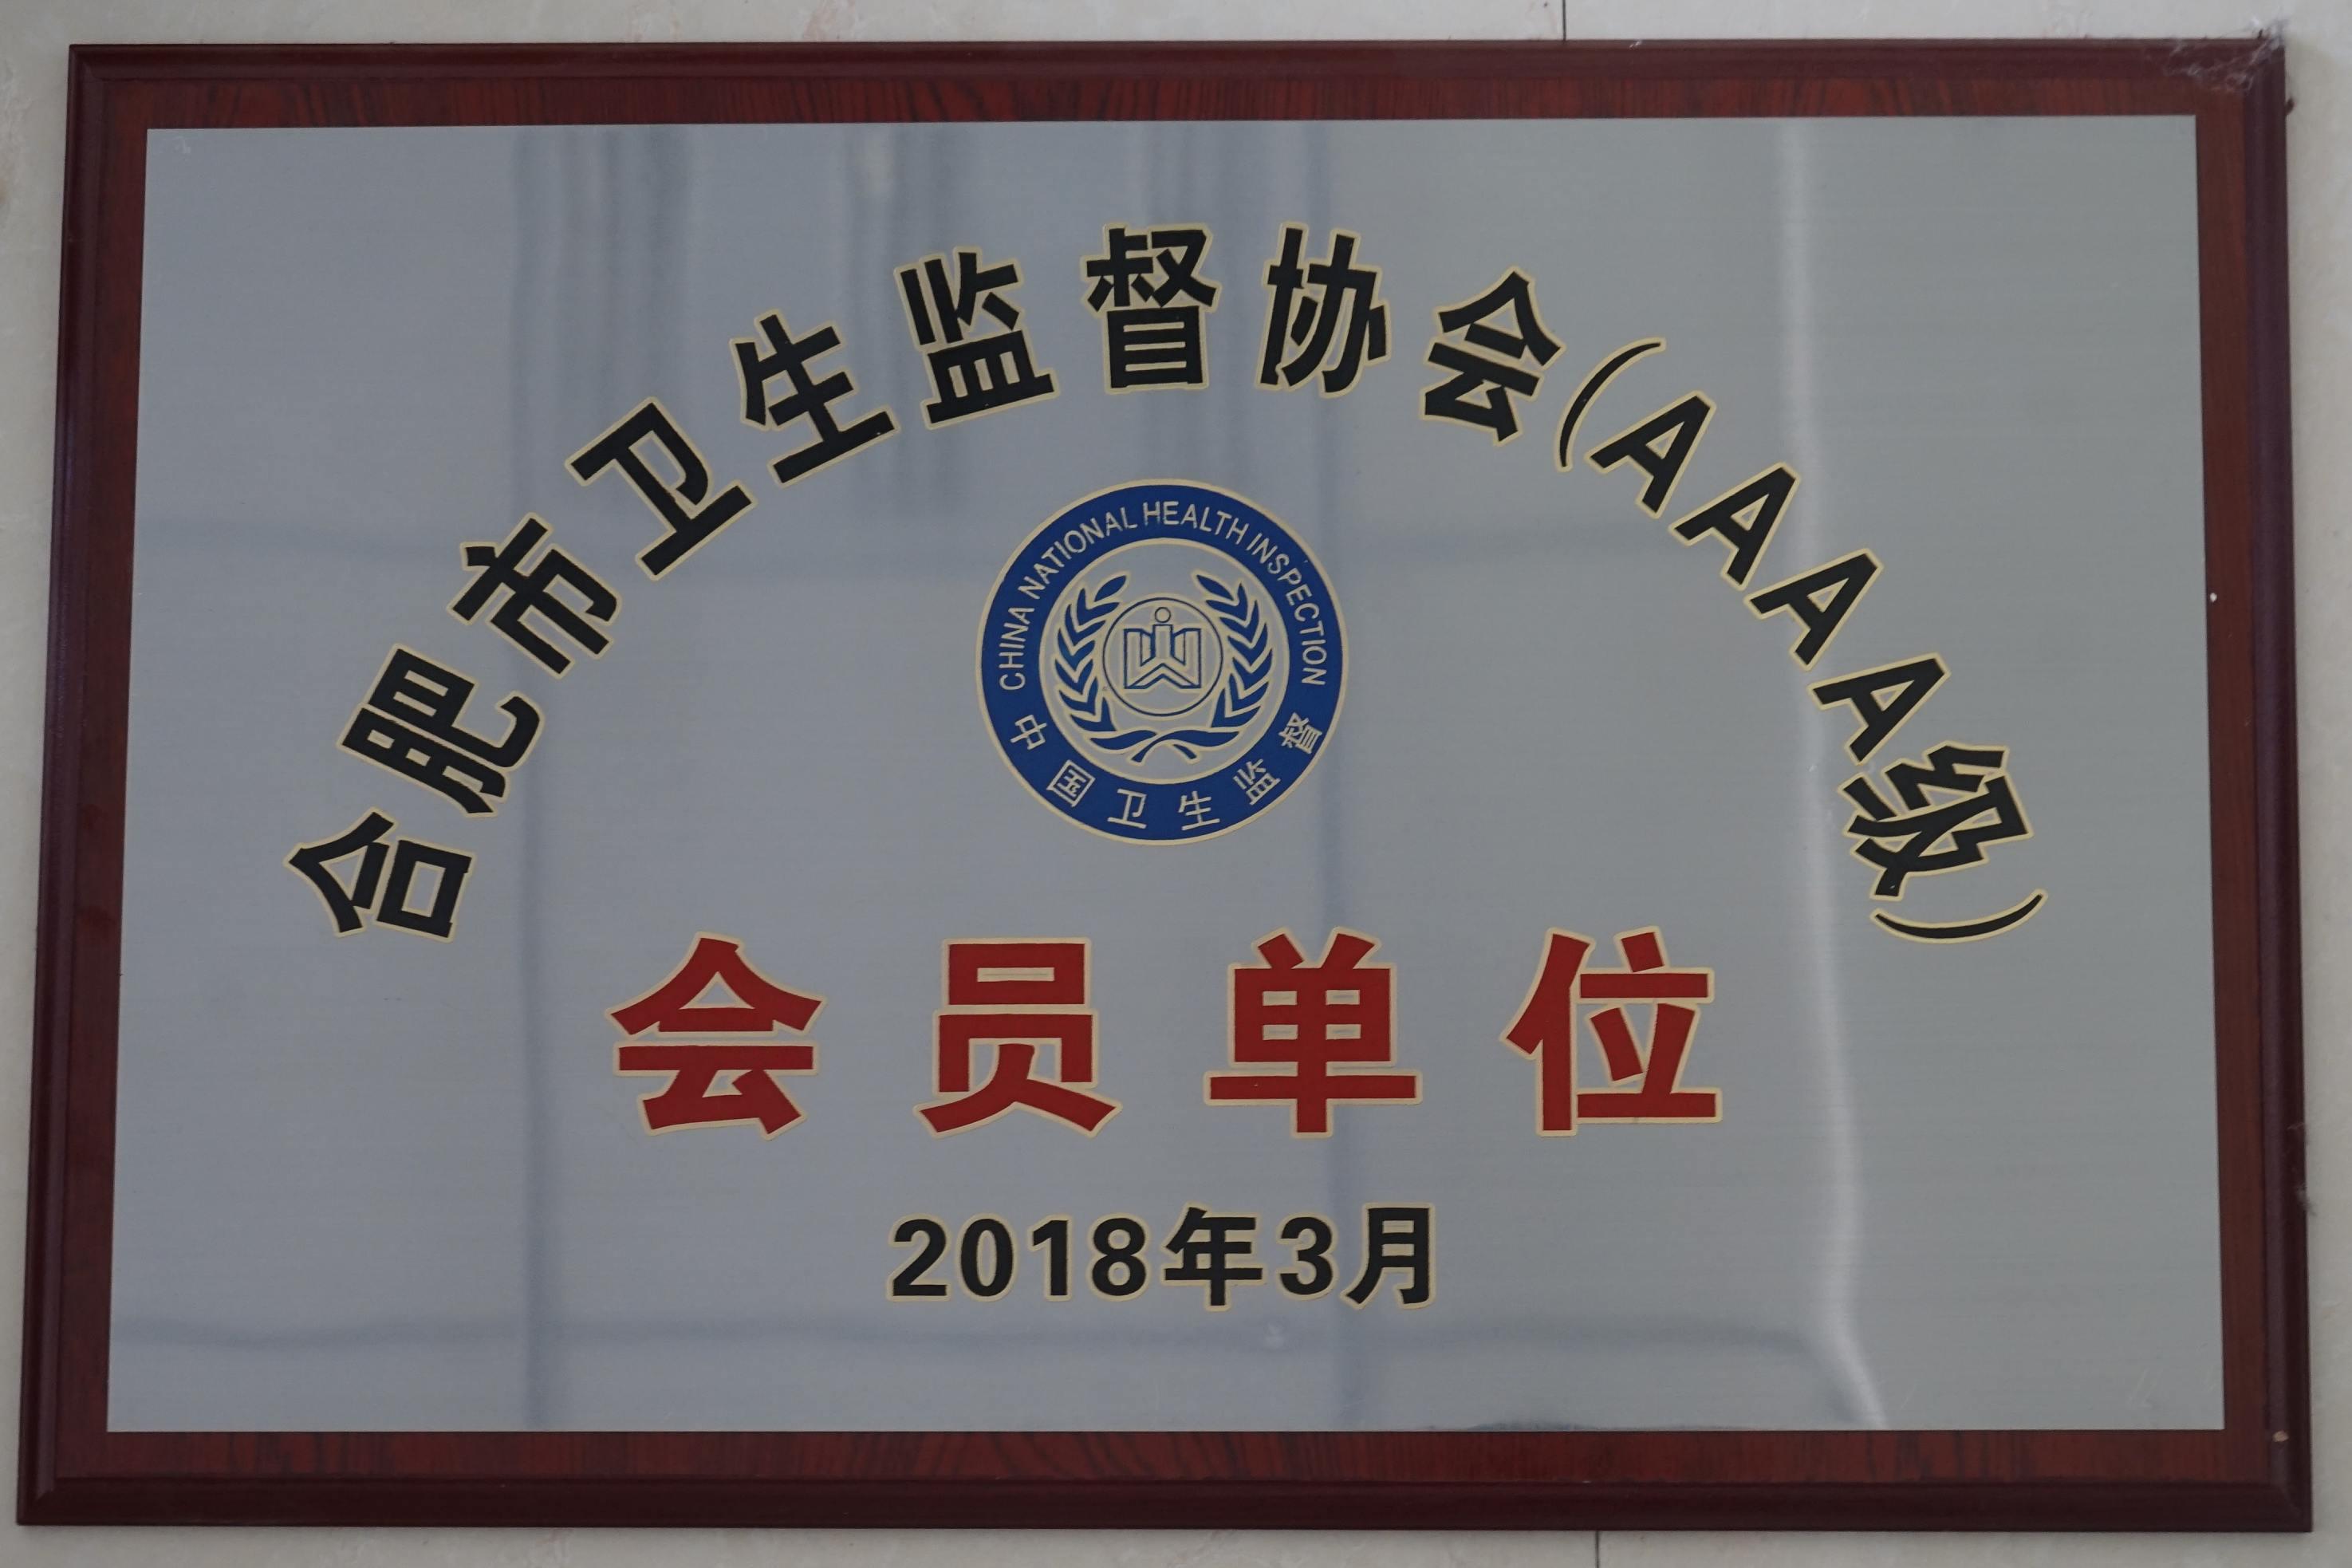 合肥市卫生监督协会会员单位